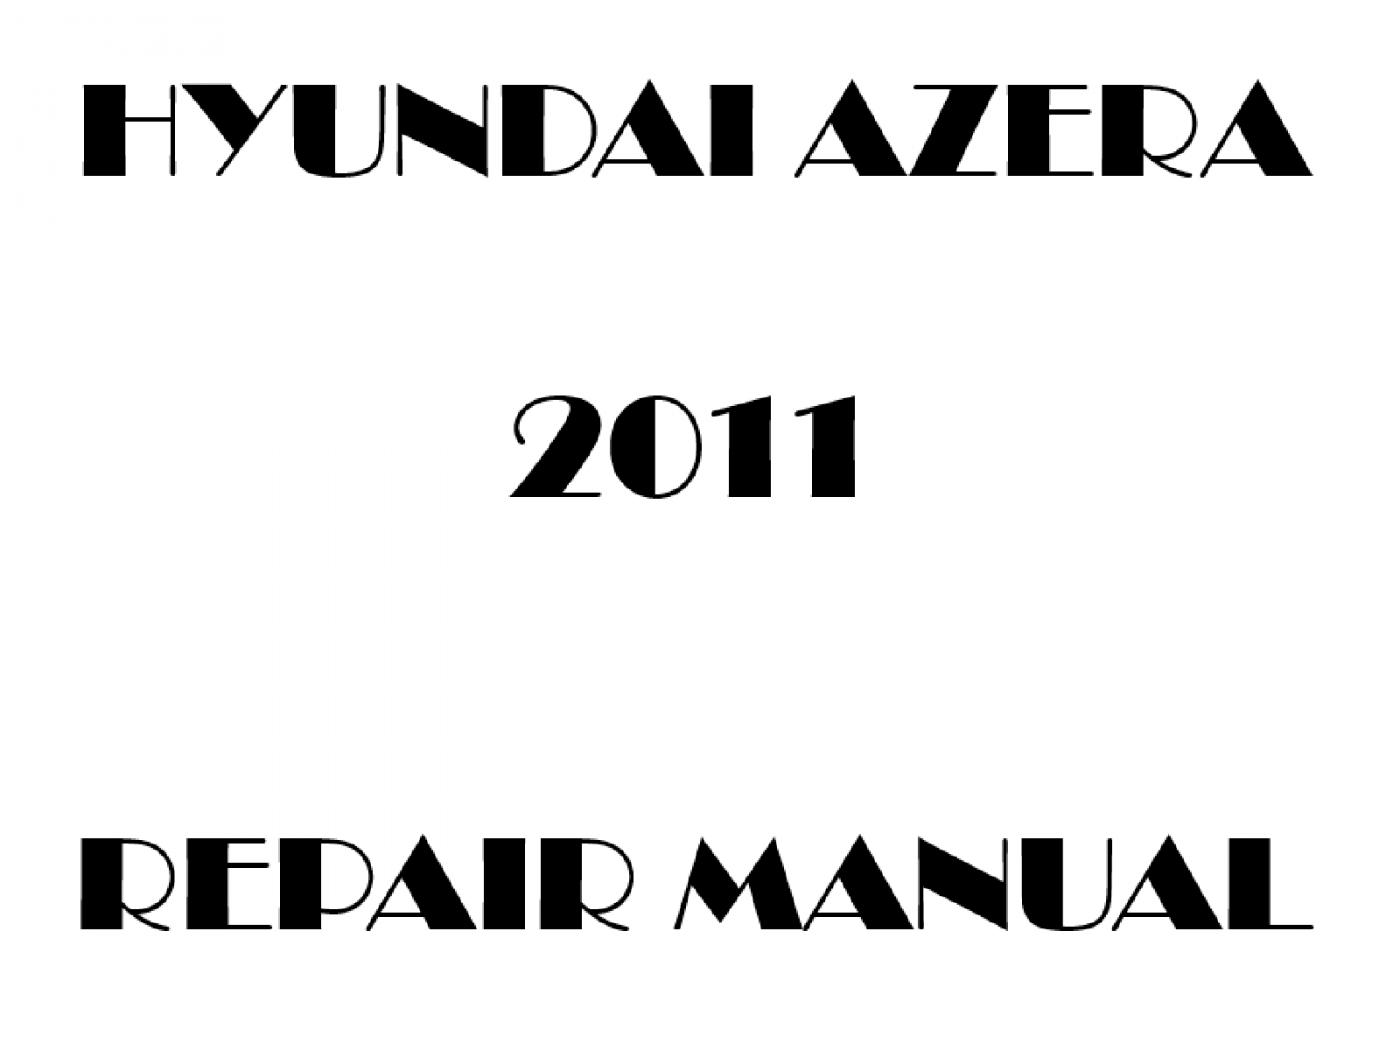 2011 Hyundai Azera repair manual